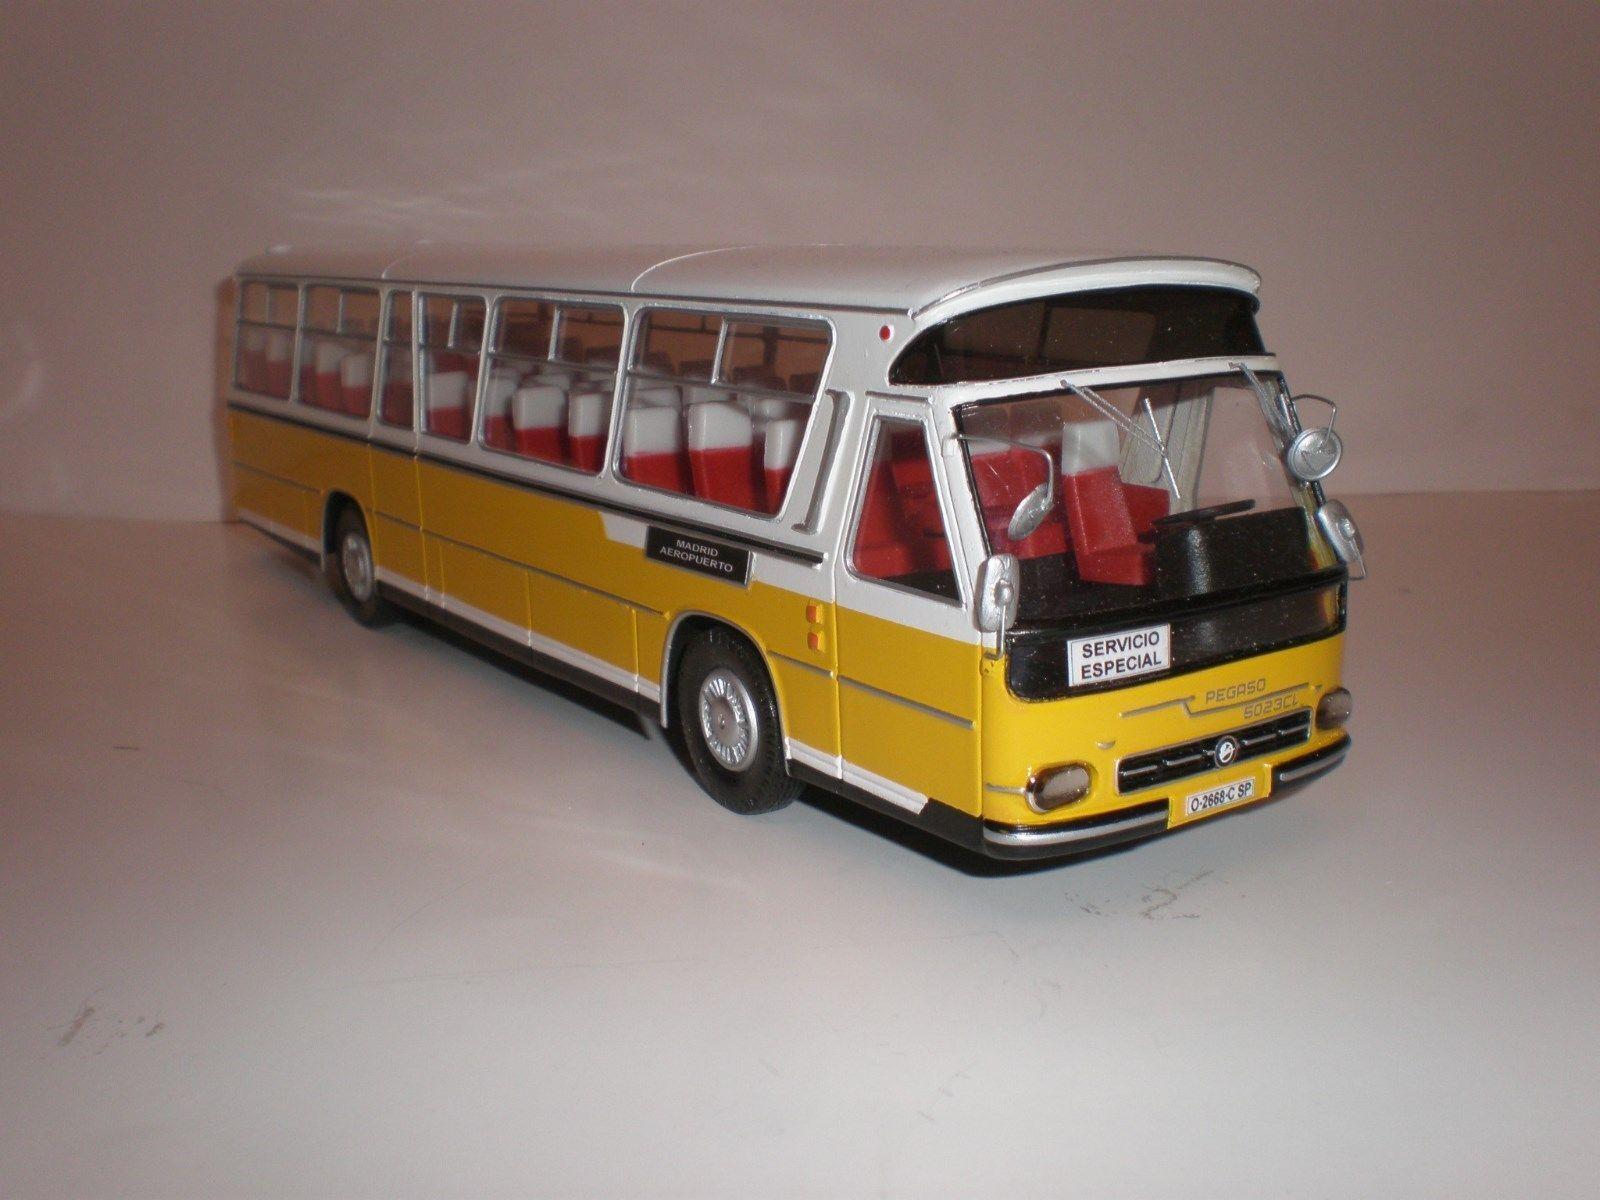 1  43 buss HISPANO SUIZA AYATS PEGASO 50223 CL (Z1230) 1970 s flygagagplats Madrid